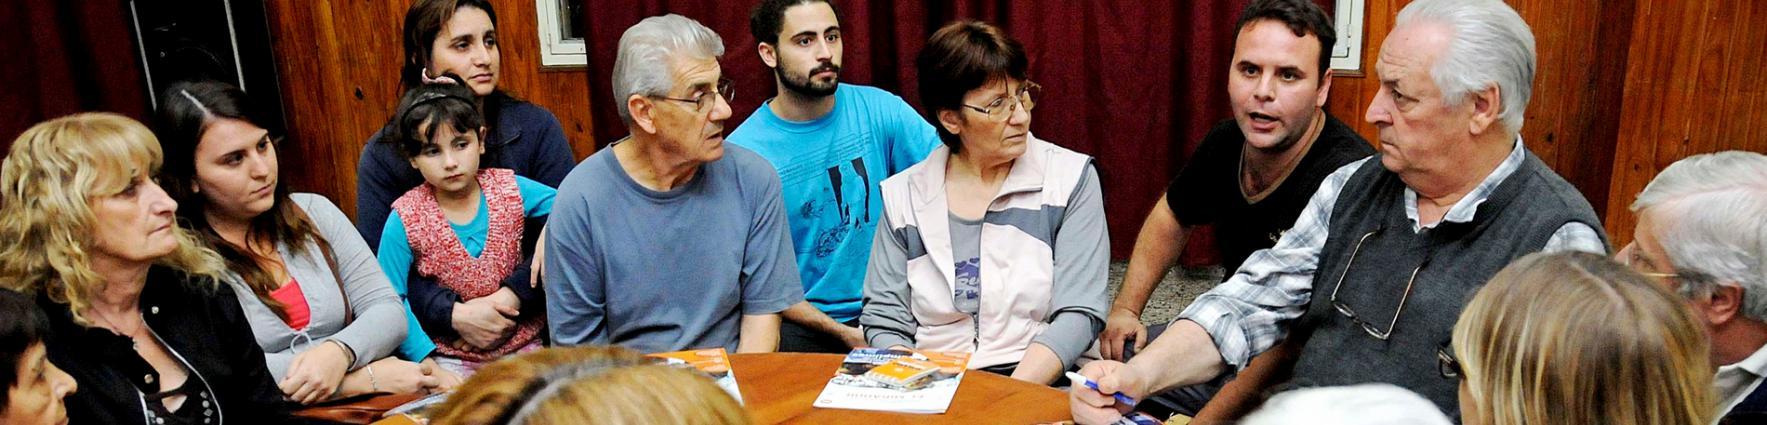 Asamblea Barrial del Presupuesto Participativo en el club Onkel